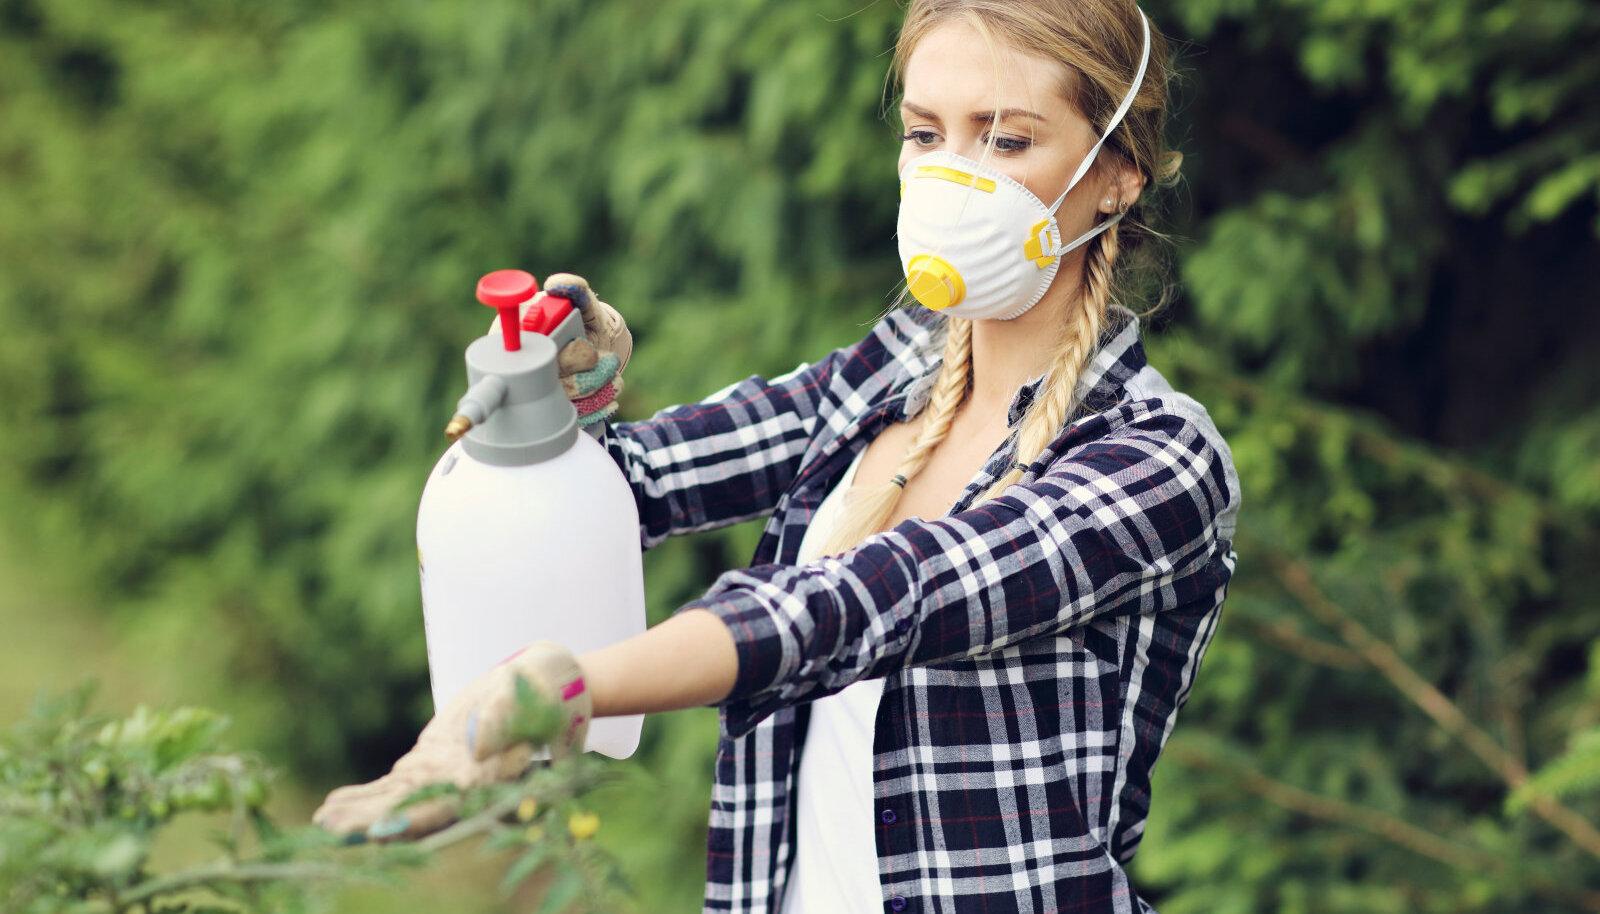 Viljapuude pritsimisel tuleb kanda maski